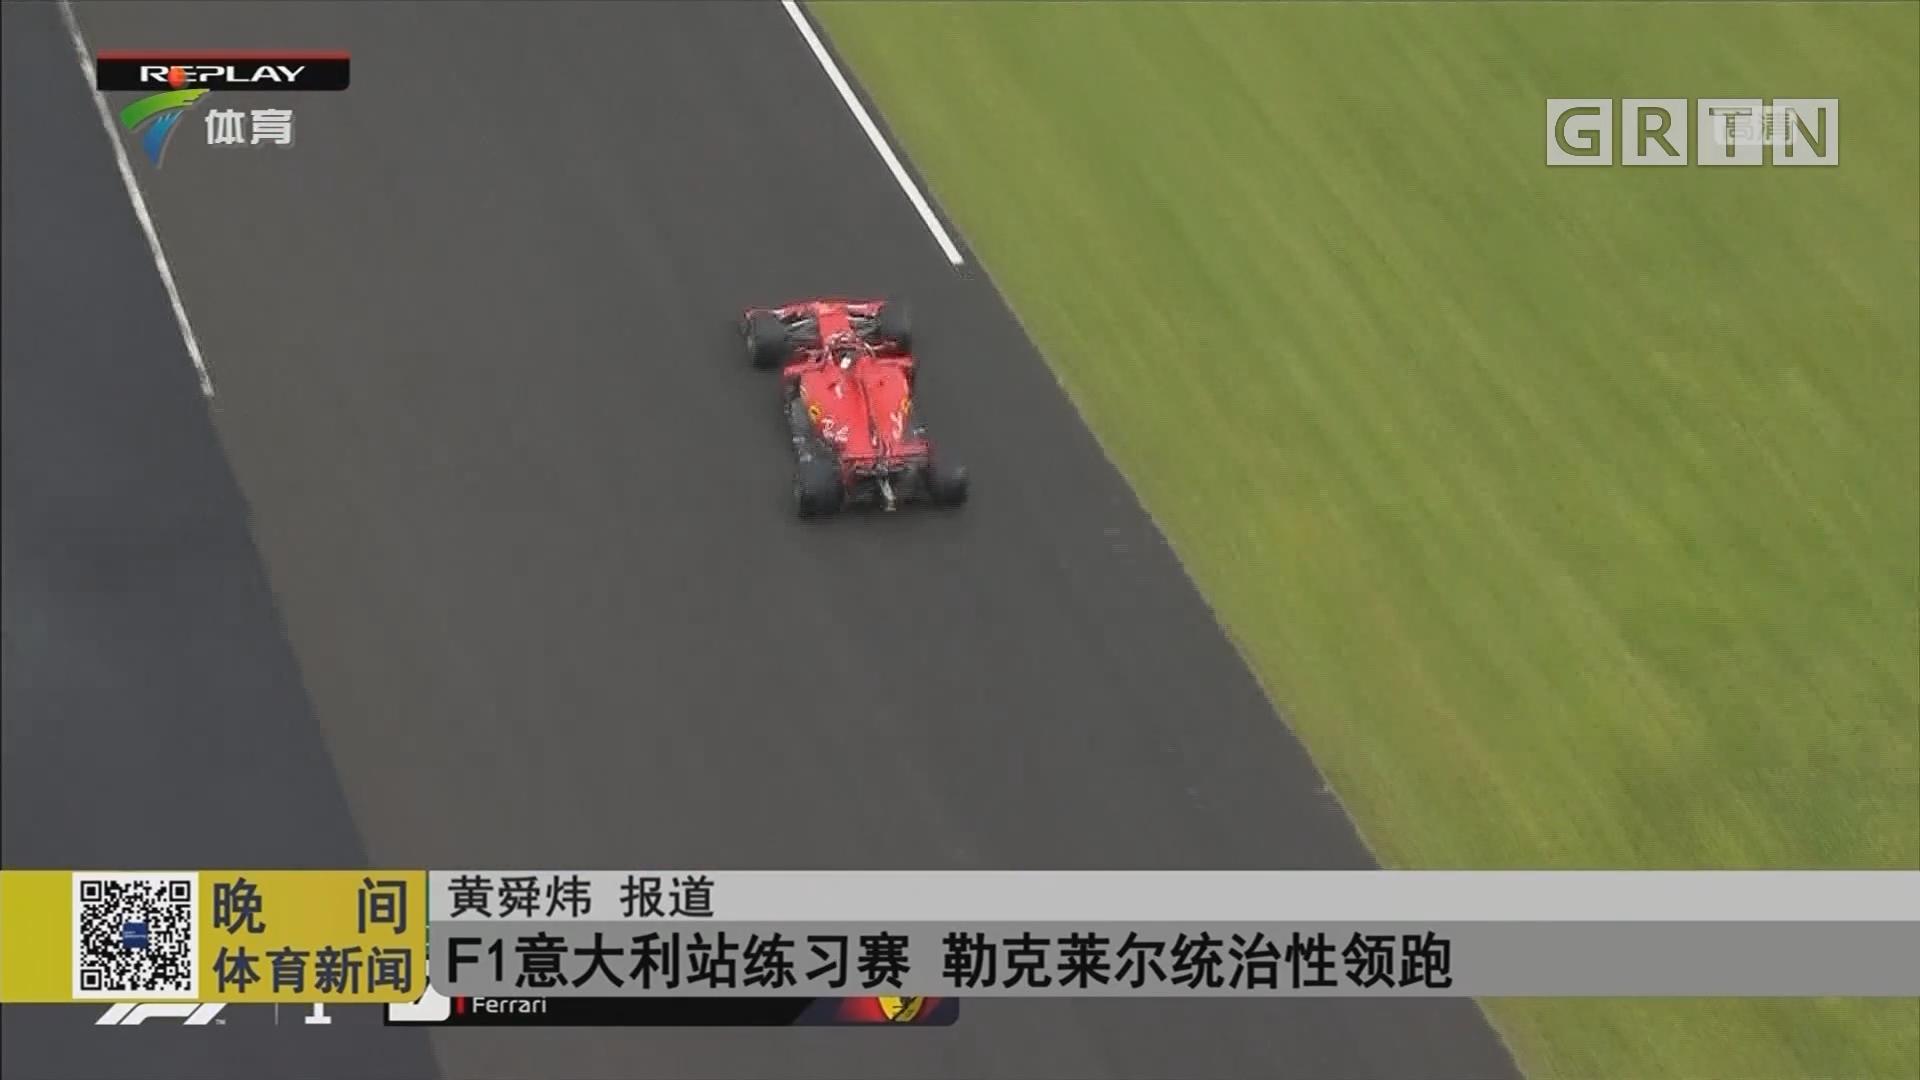 F1意大利站练习赛 勒克莱尔统治性领跑